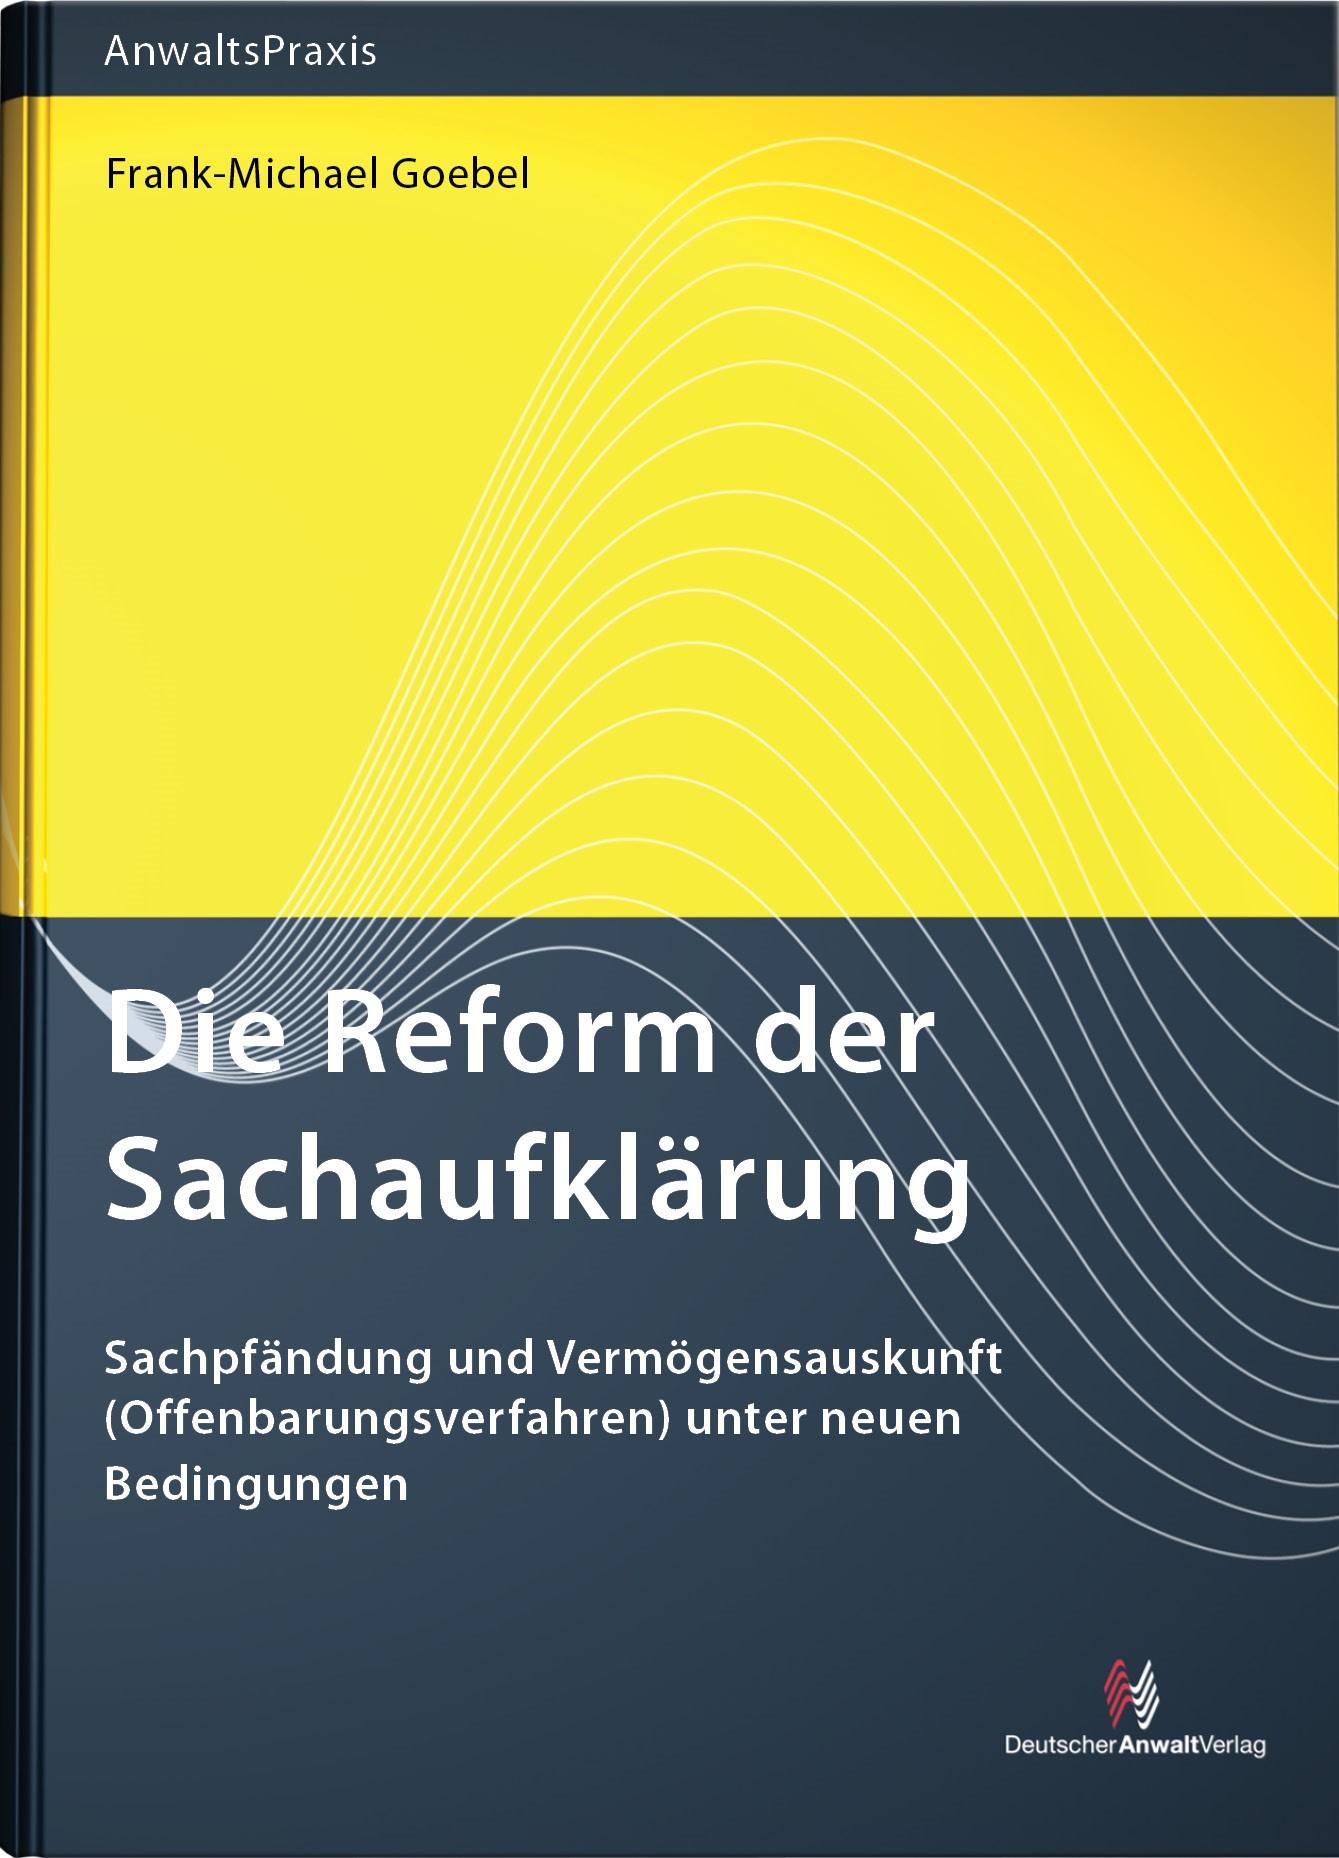 Die Reform der Sachaufklärung | Goebel, 2012 | Buch (Cover)